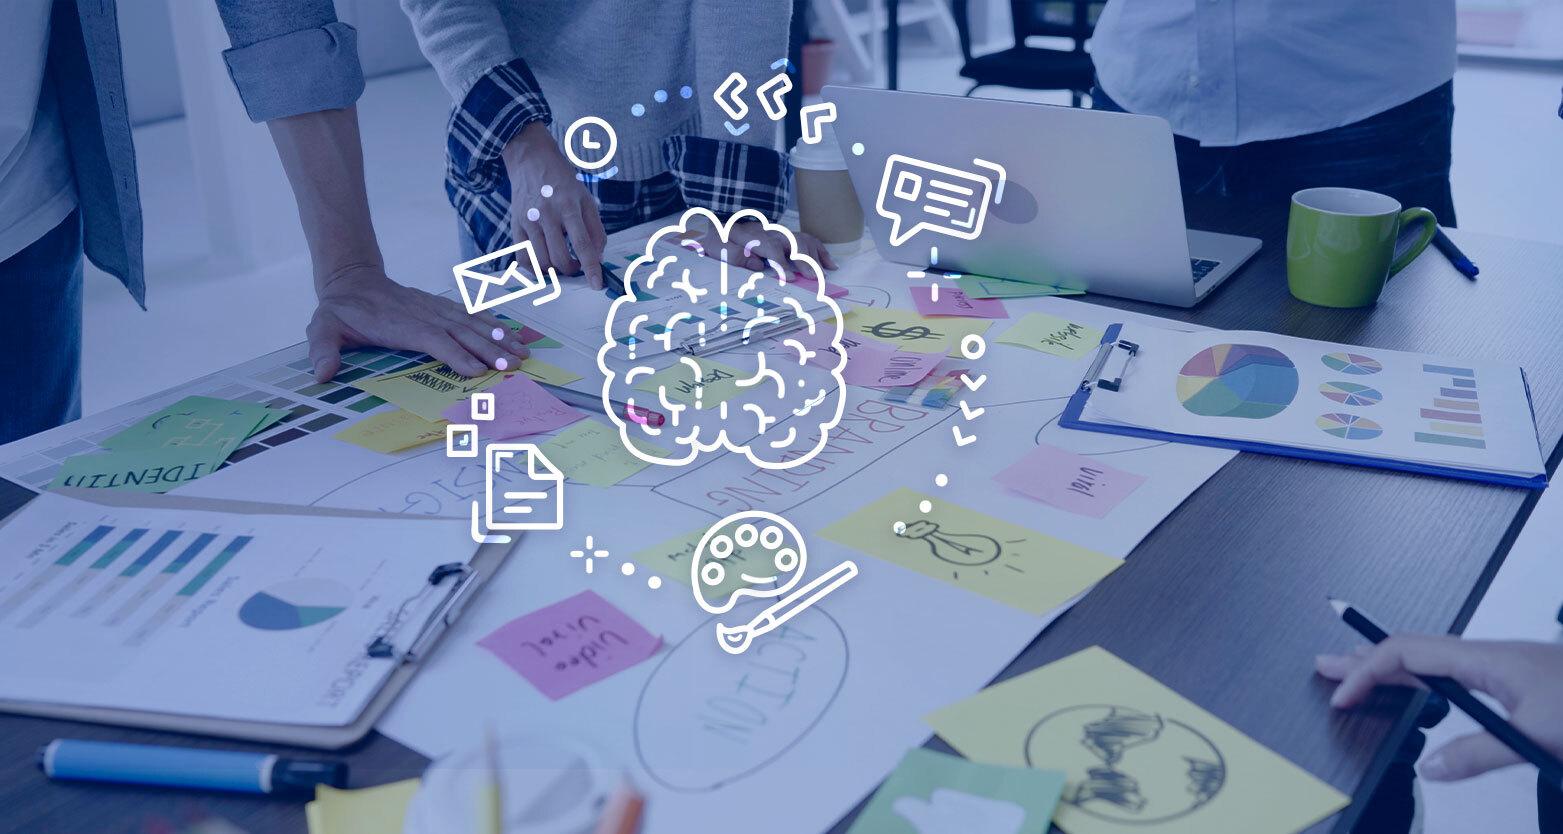 Marketing Criativo: descubra como fugir do óbvio e aprimorar as suas ideias!